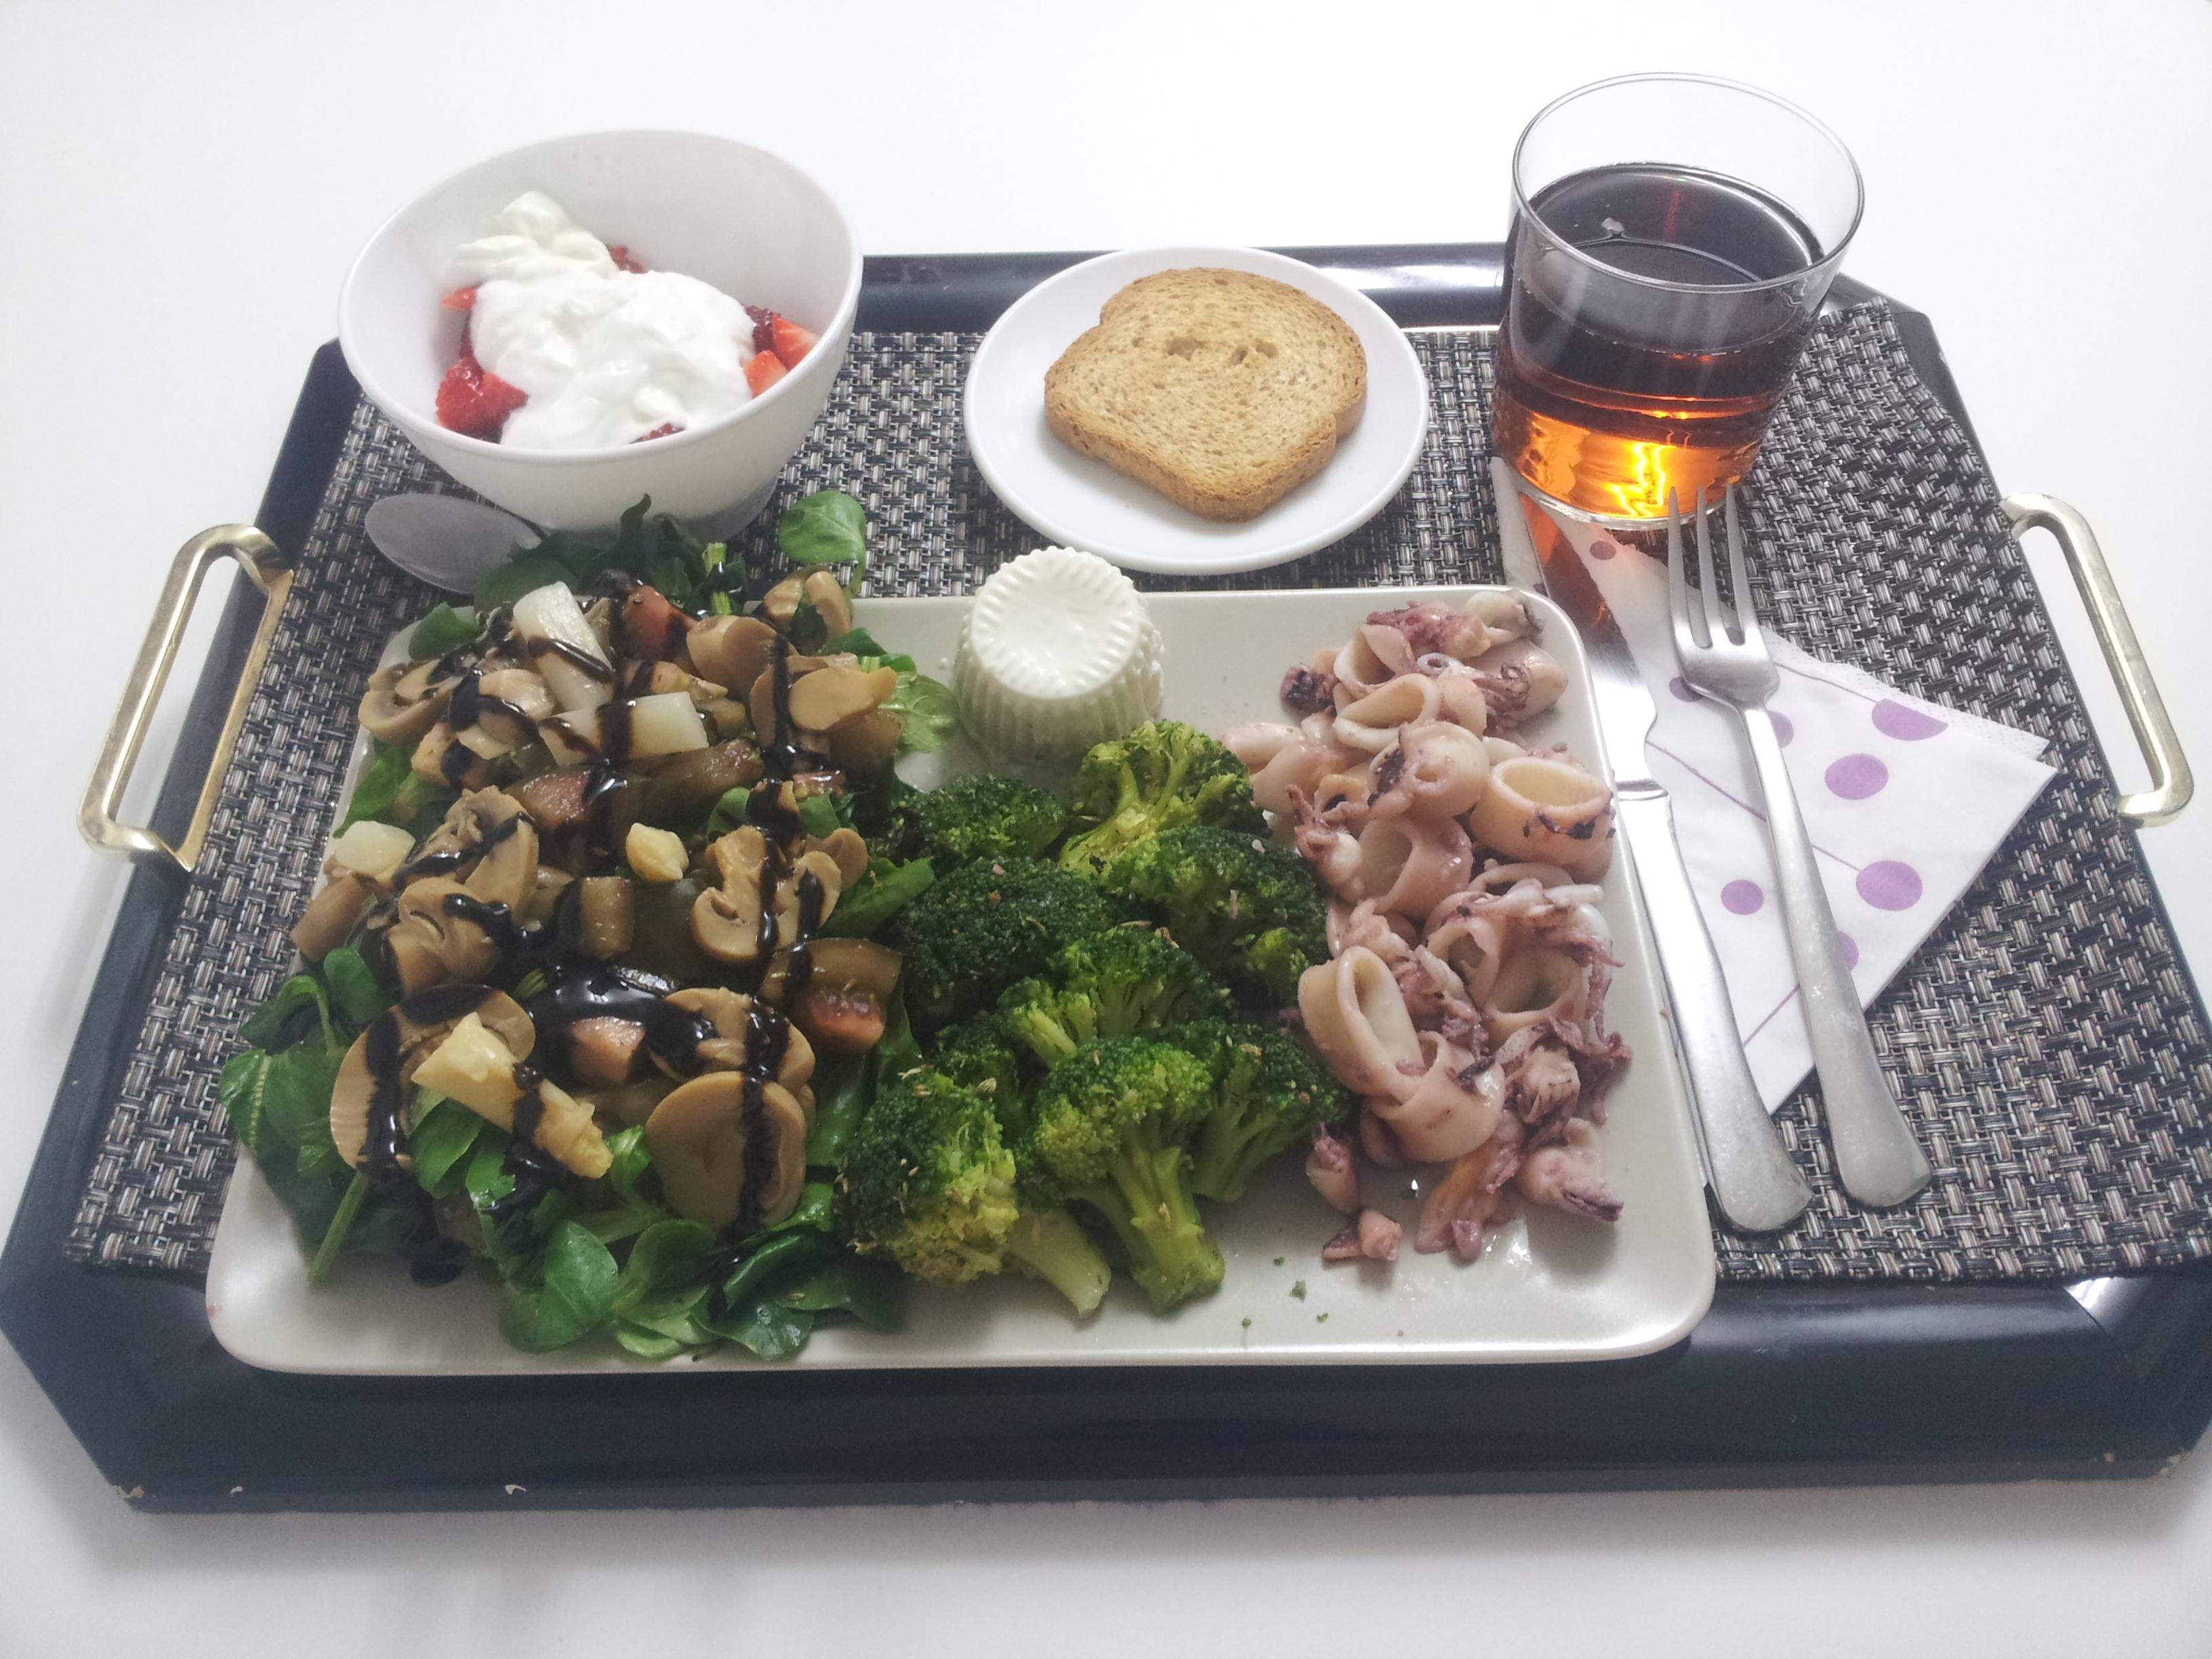 Recetas saludables, ensalada, brócoli, chipirones